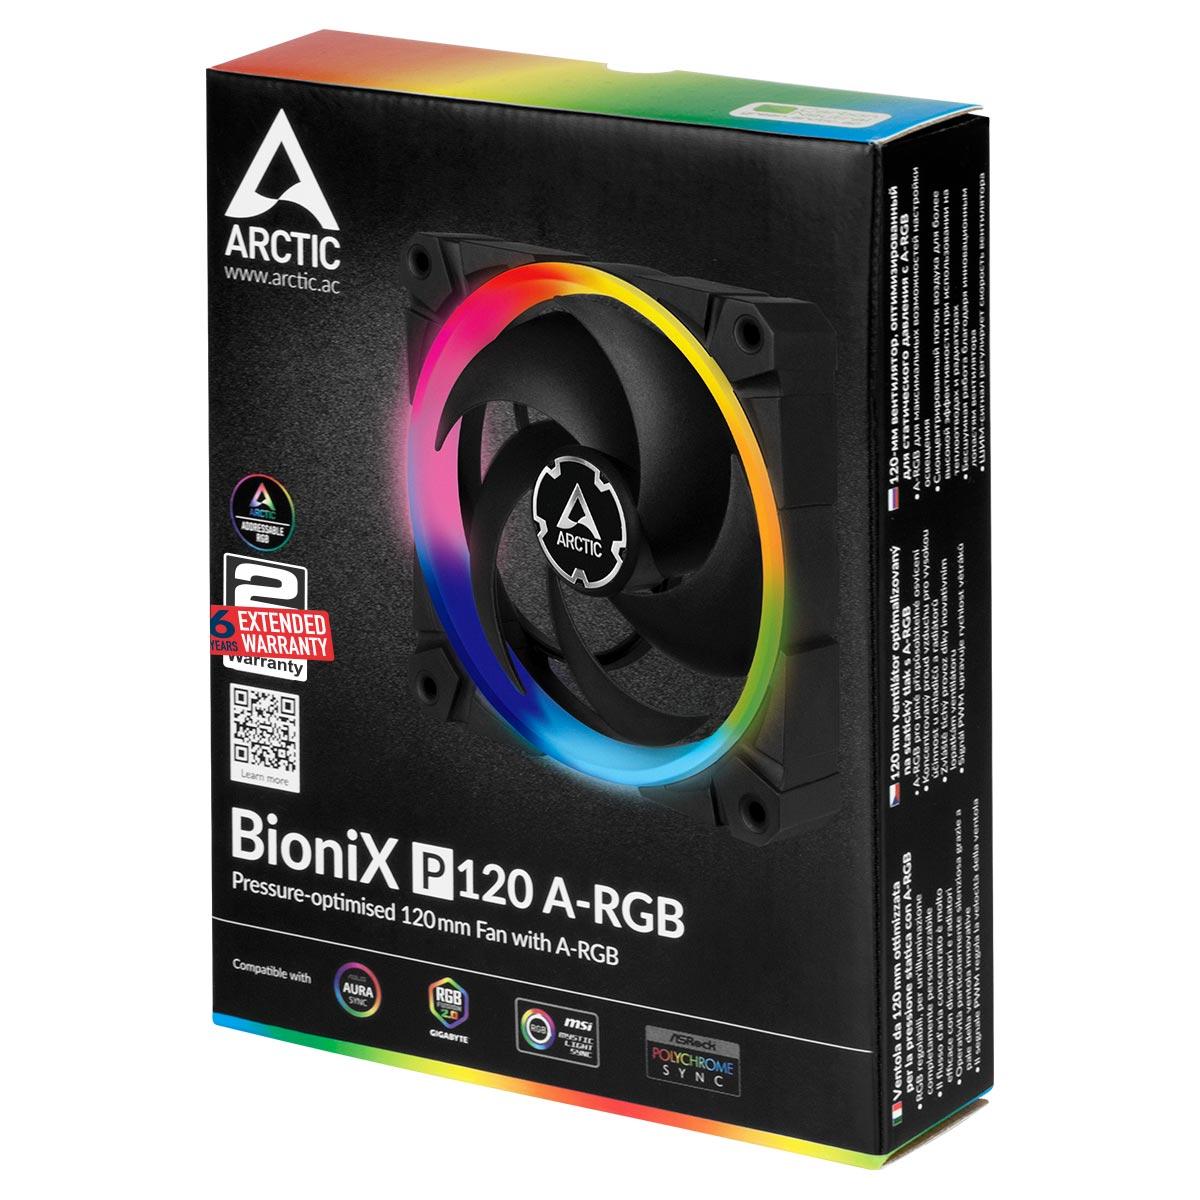 BioniX P120 A-RGB